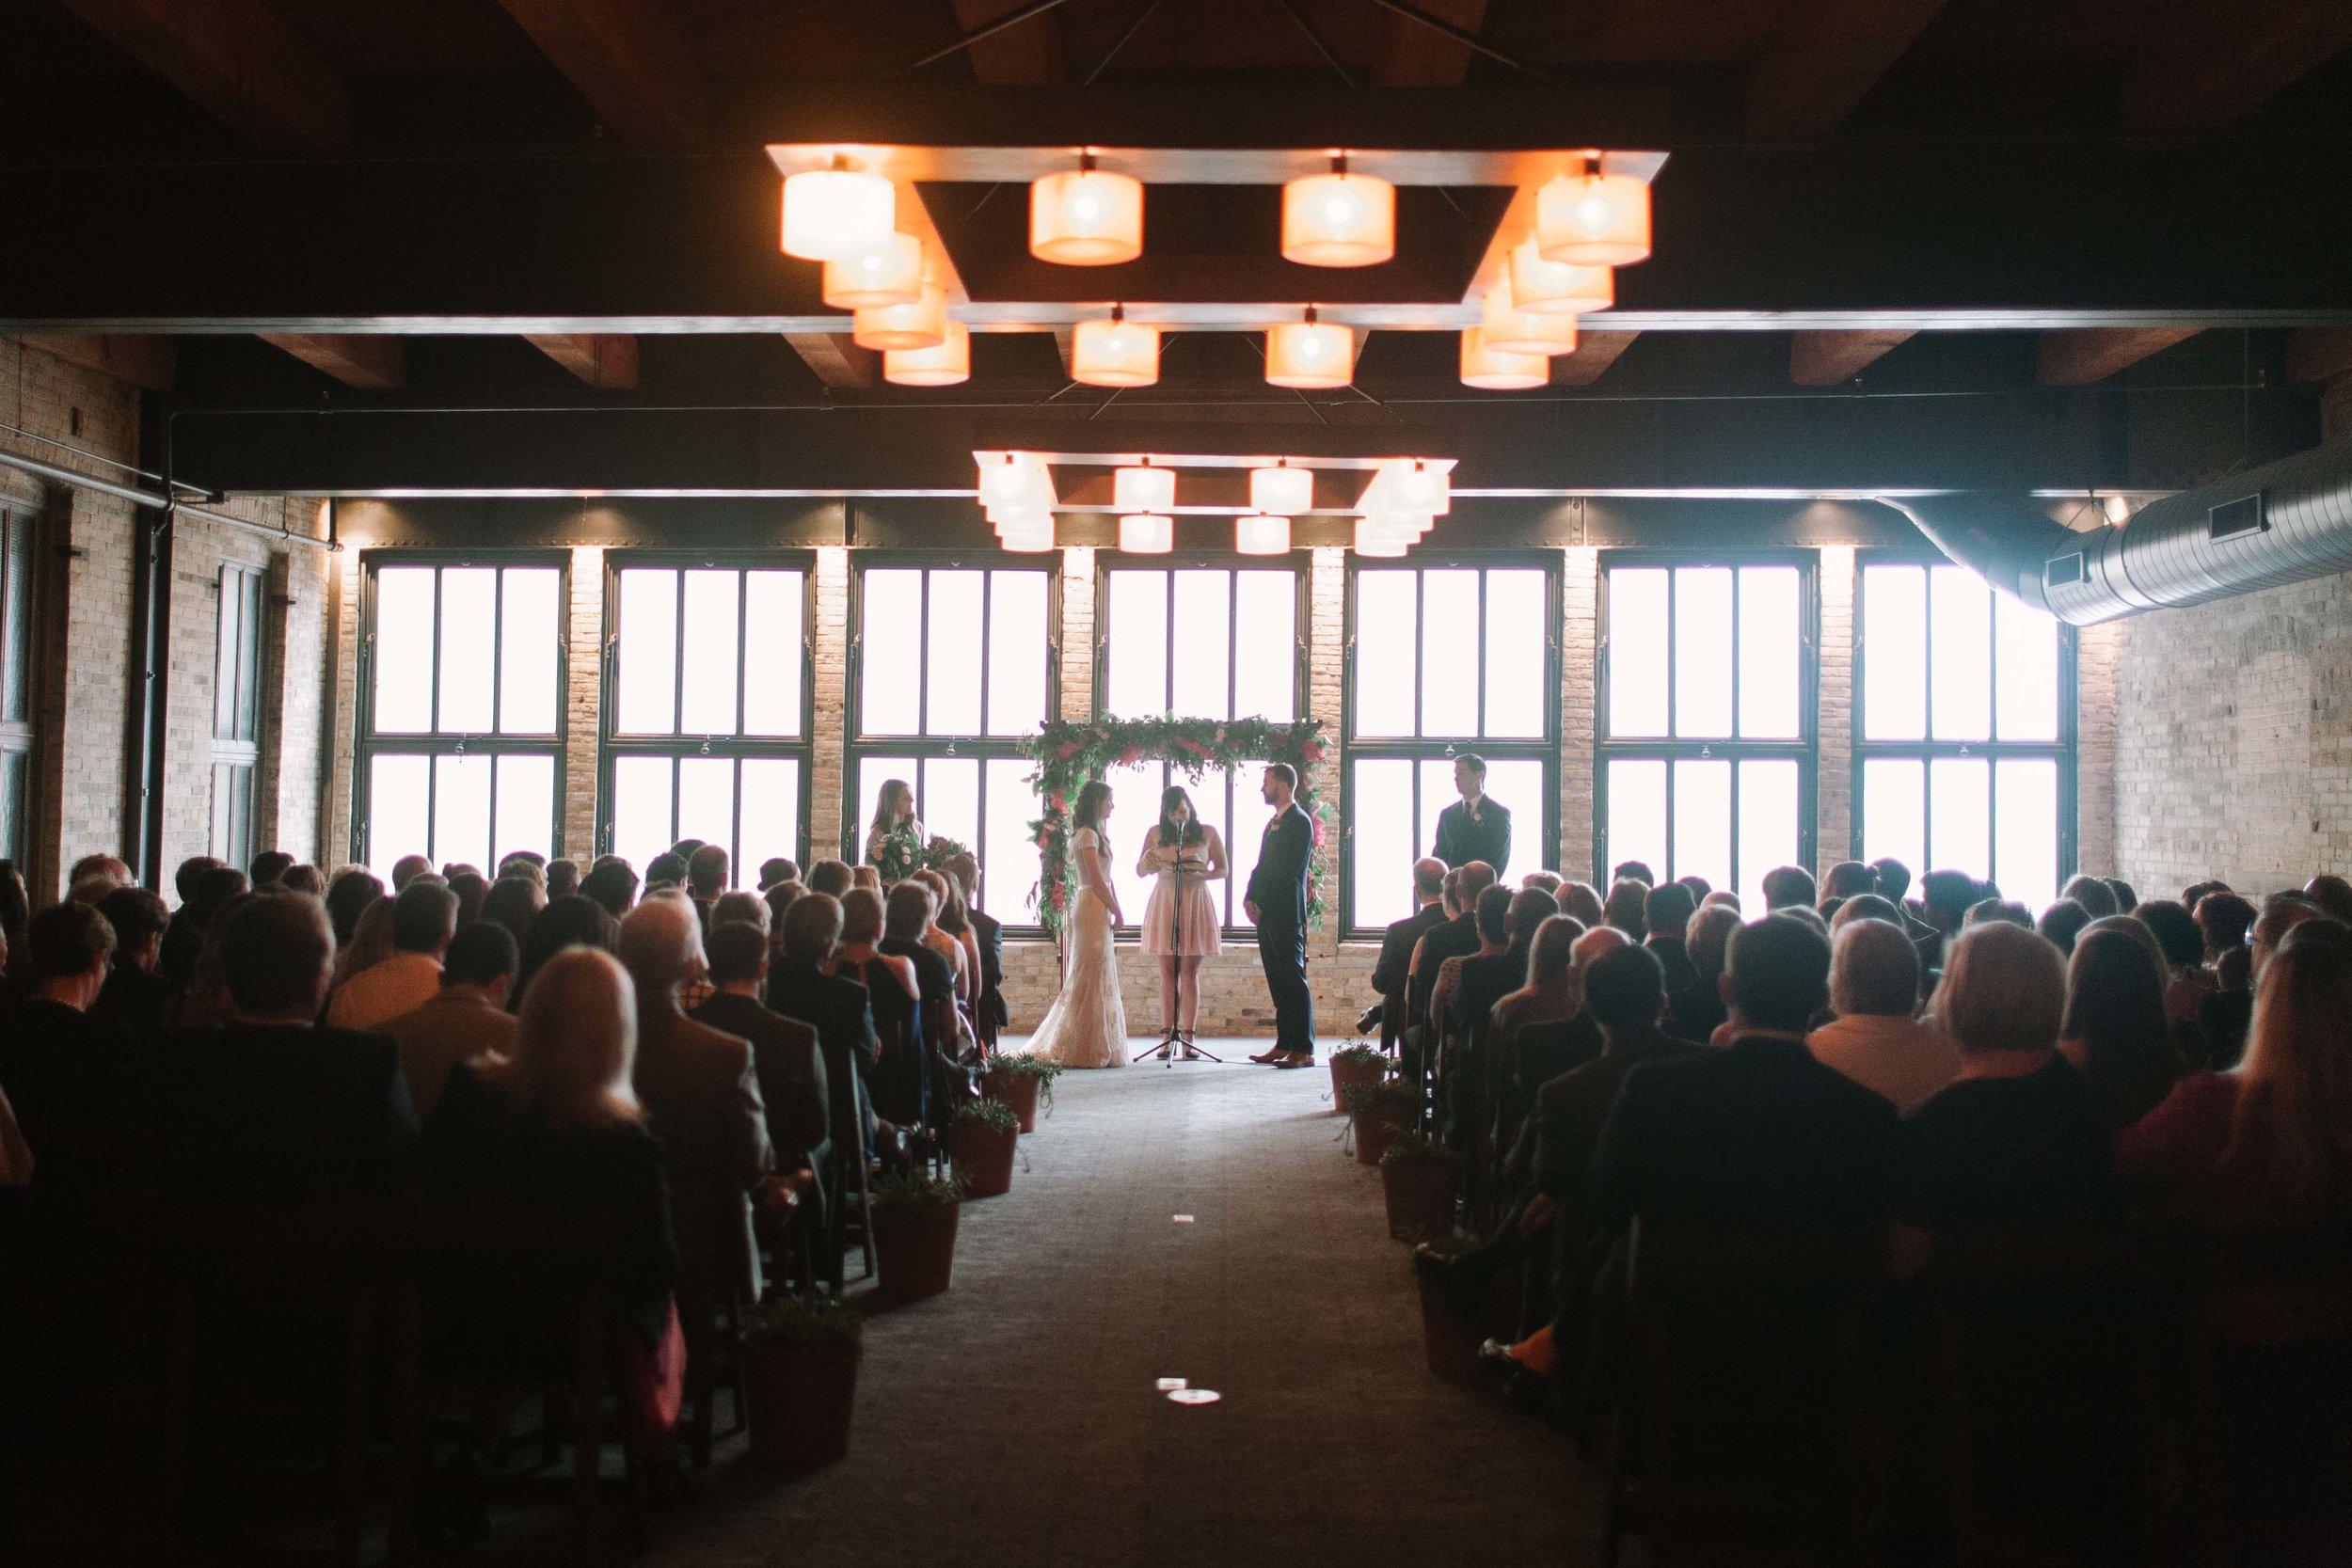 kateweinsteinphoto_clairewillie_wedding-461.jpg